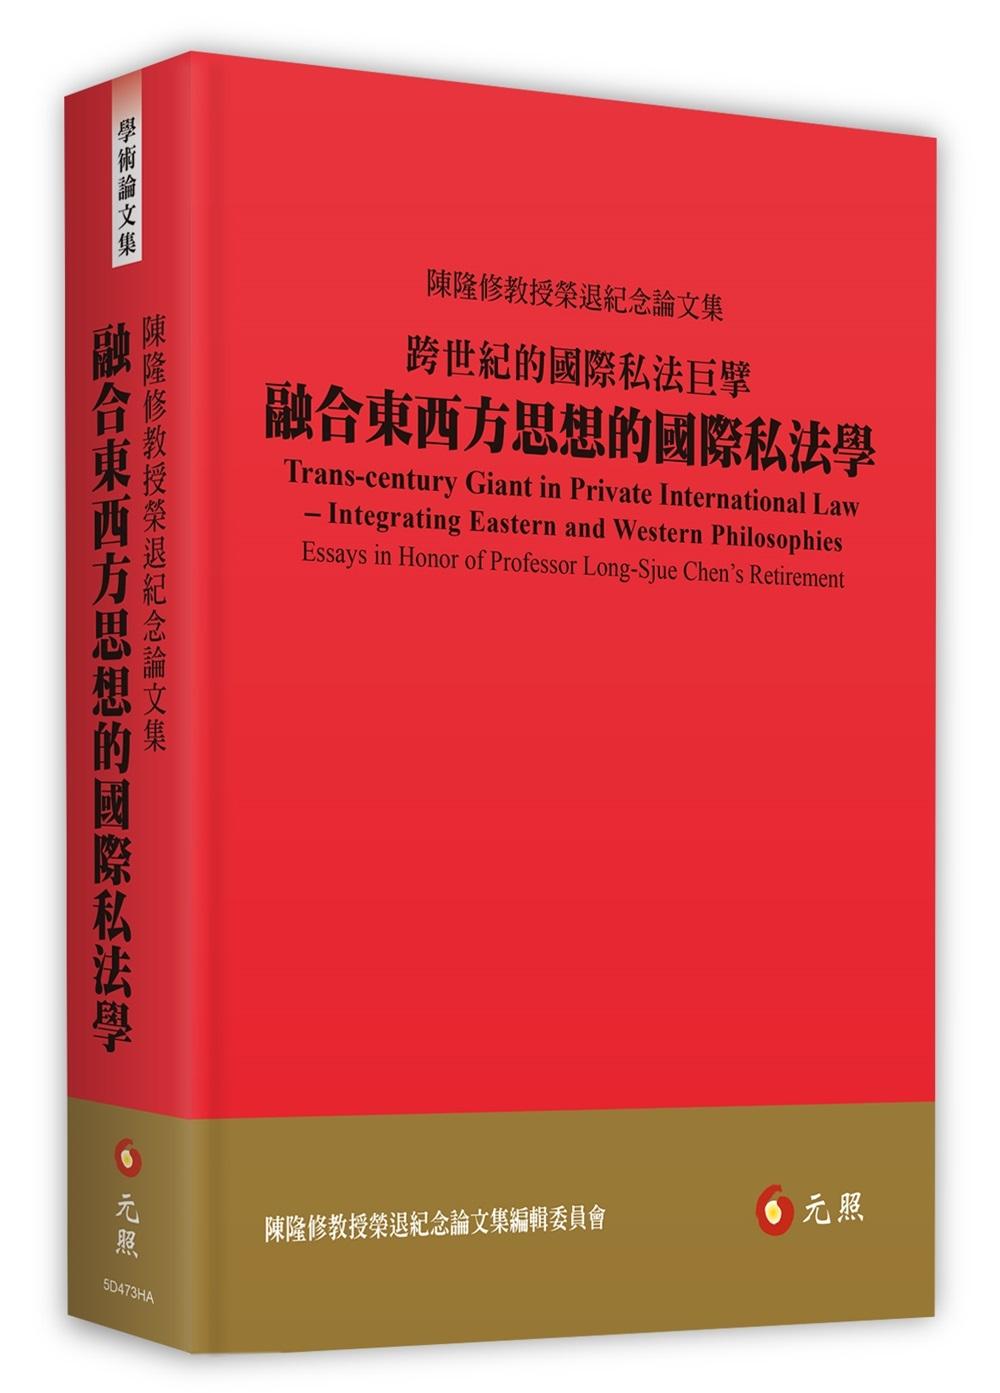 跨世紀的國際私法巨擘:融合東西方思想的國際私法學——陳隆修教授榮退紀念論文集